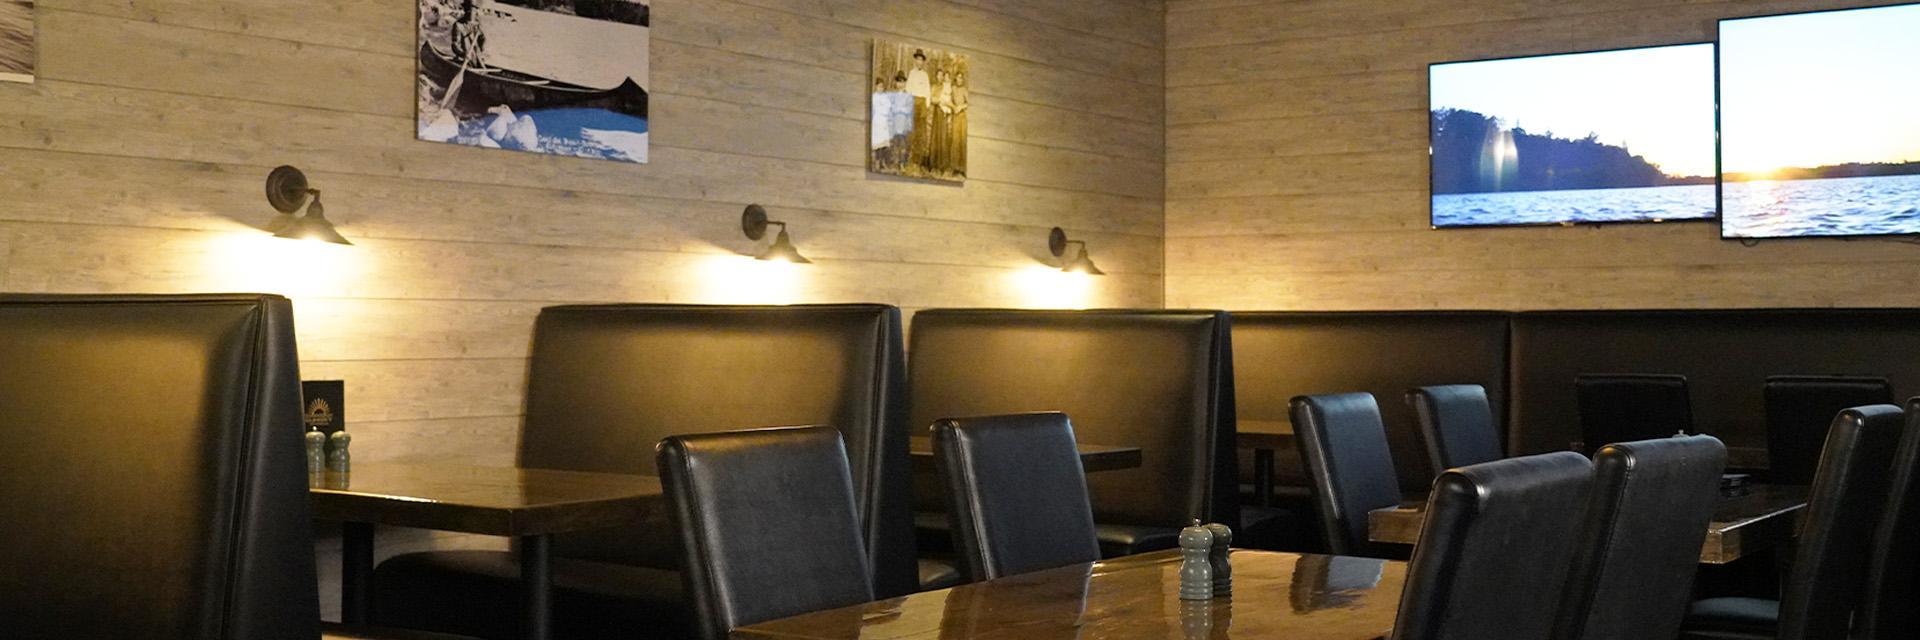 Fortune Bay Casino Resort